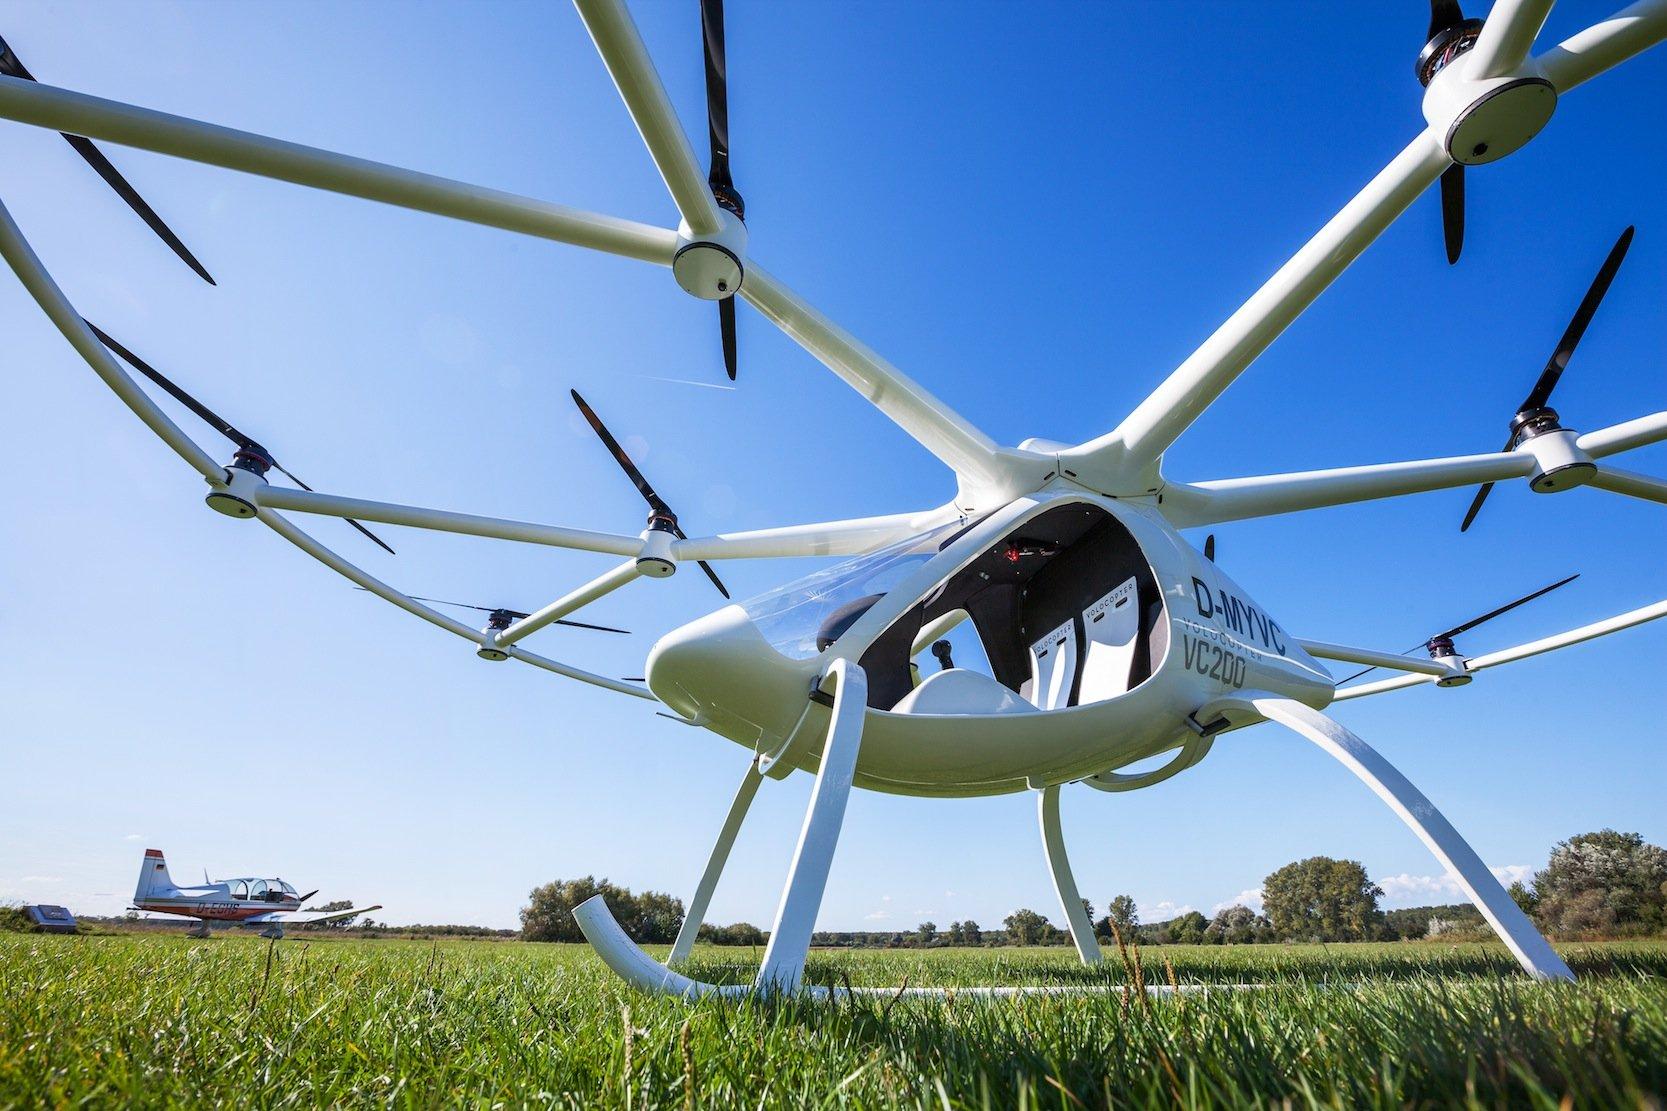 Der Volocopter VC200 wird von 18 Rotoren angetrieben: Jetzt hat das ungewöhnliche Fluggerät auch seinen ersten bemannten Flug erfolgreich absolviert.